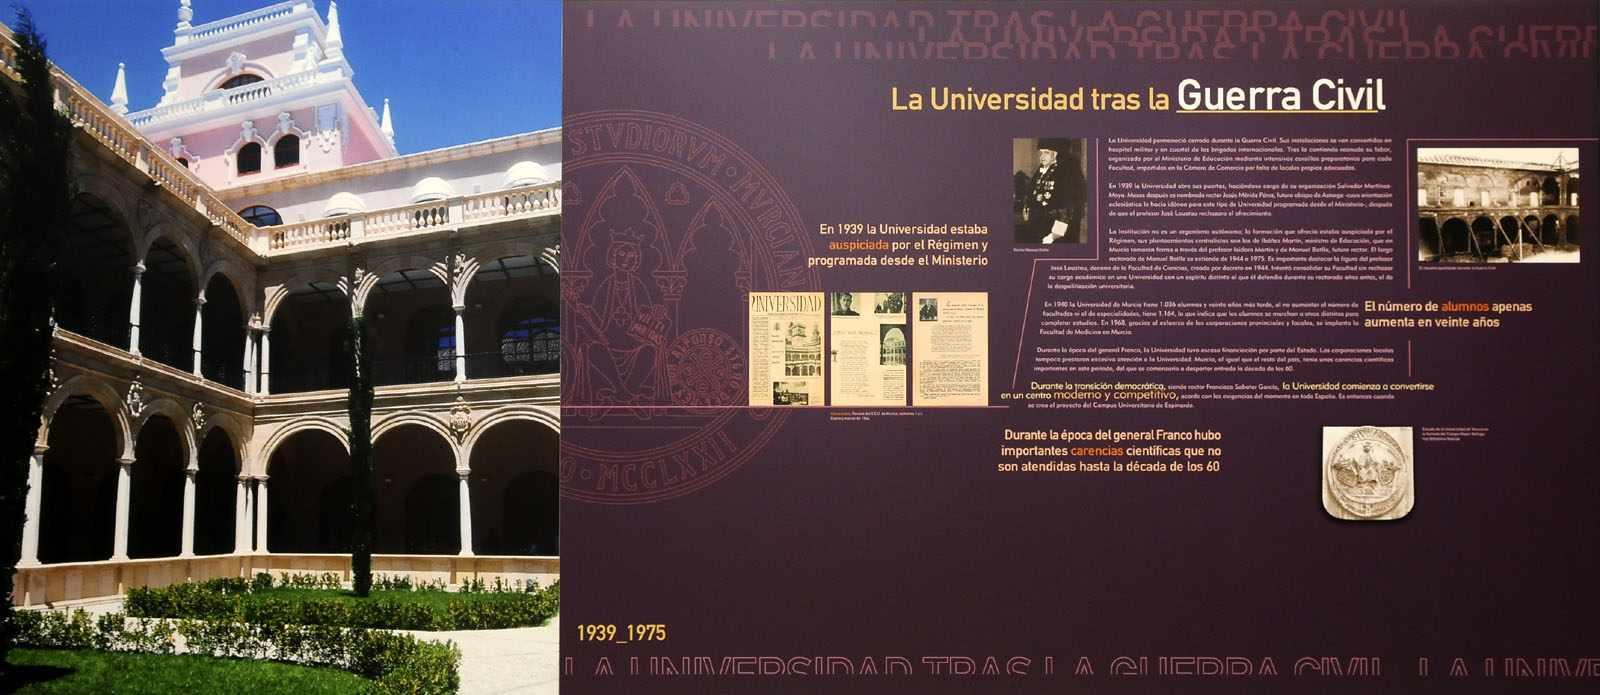 La Universidad tras la Guerra Civil